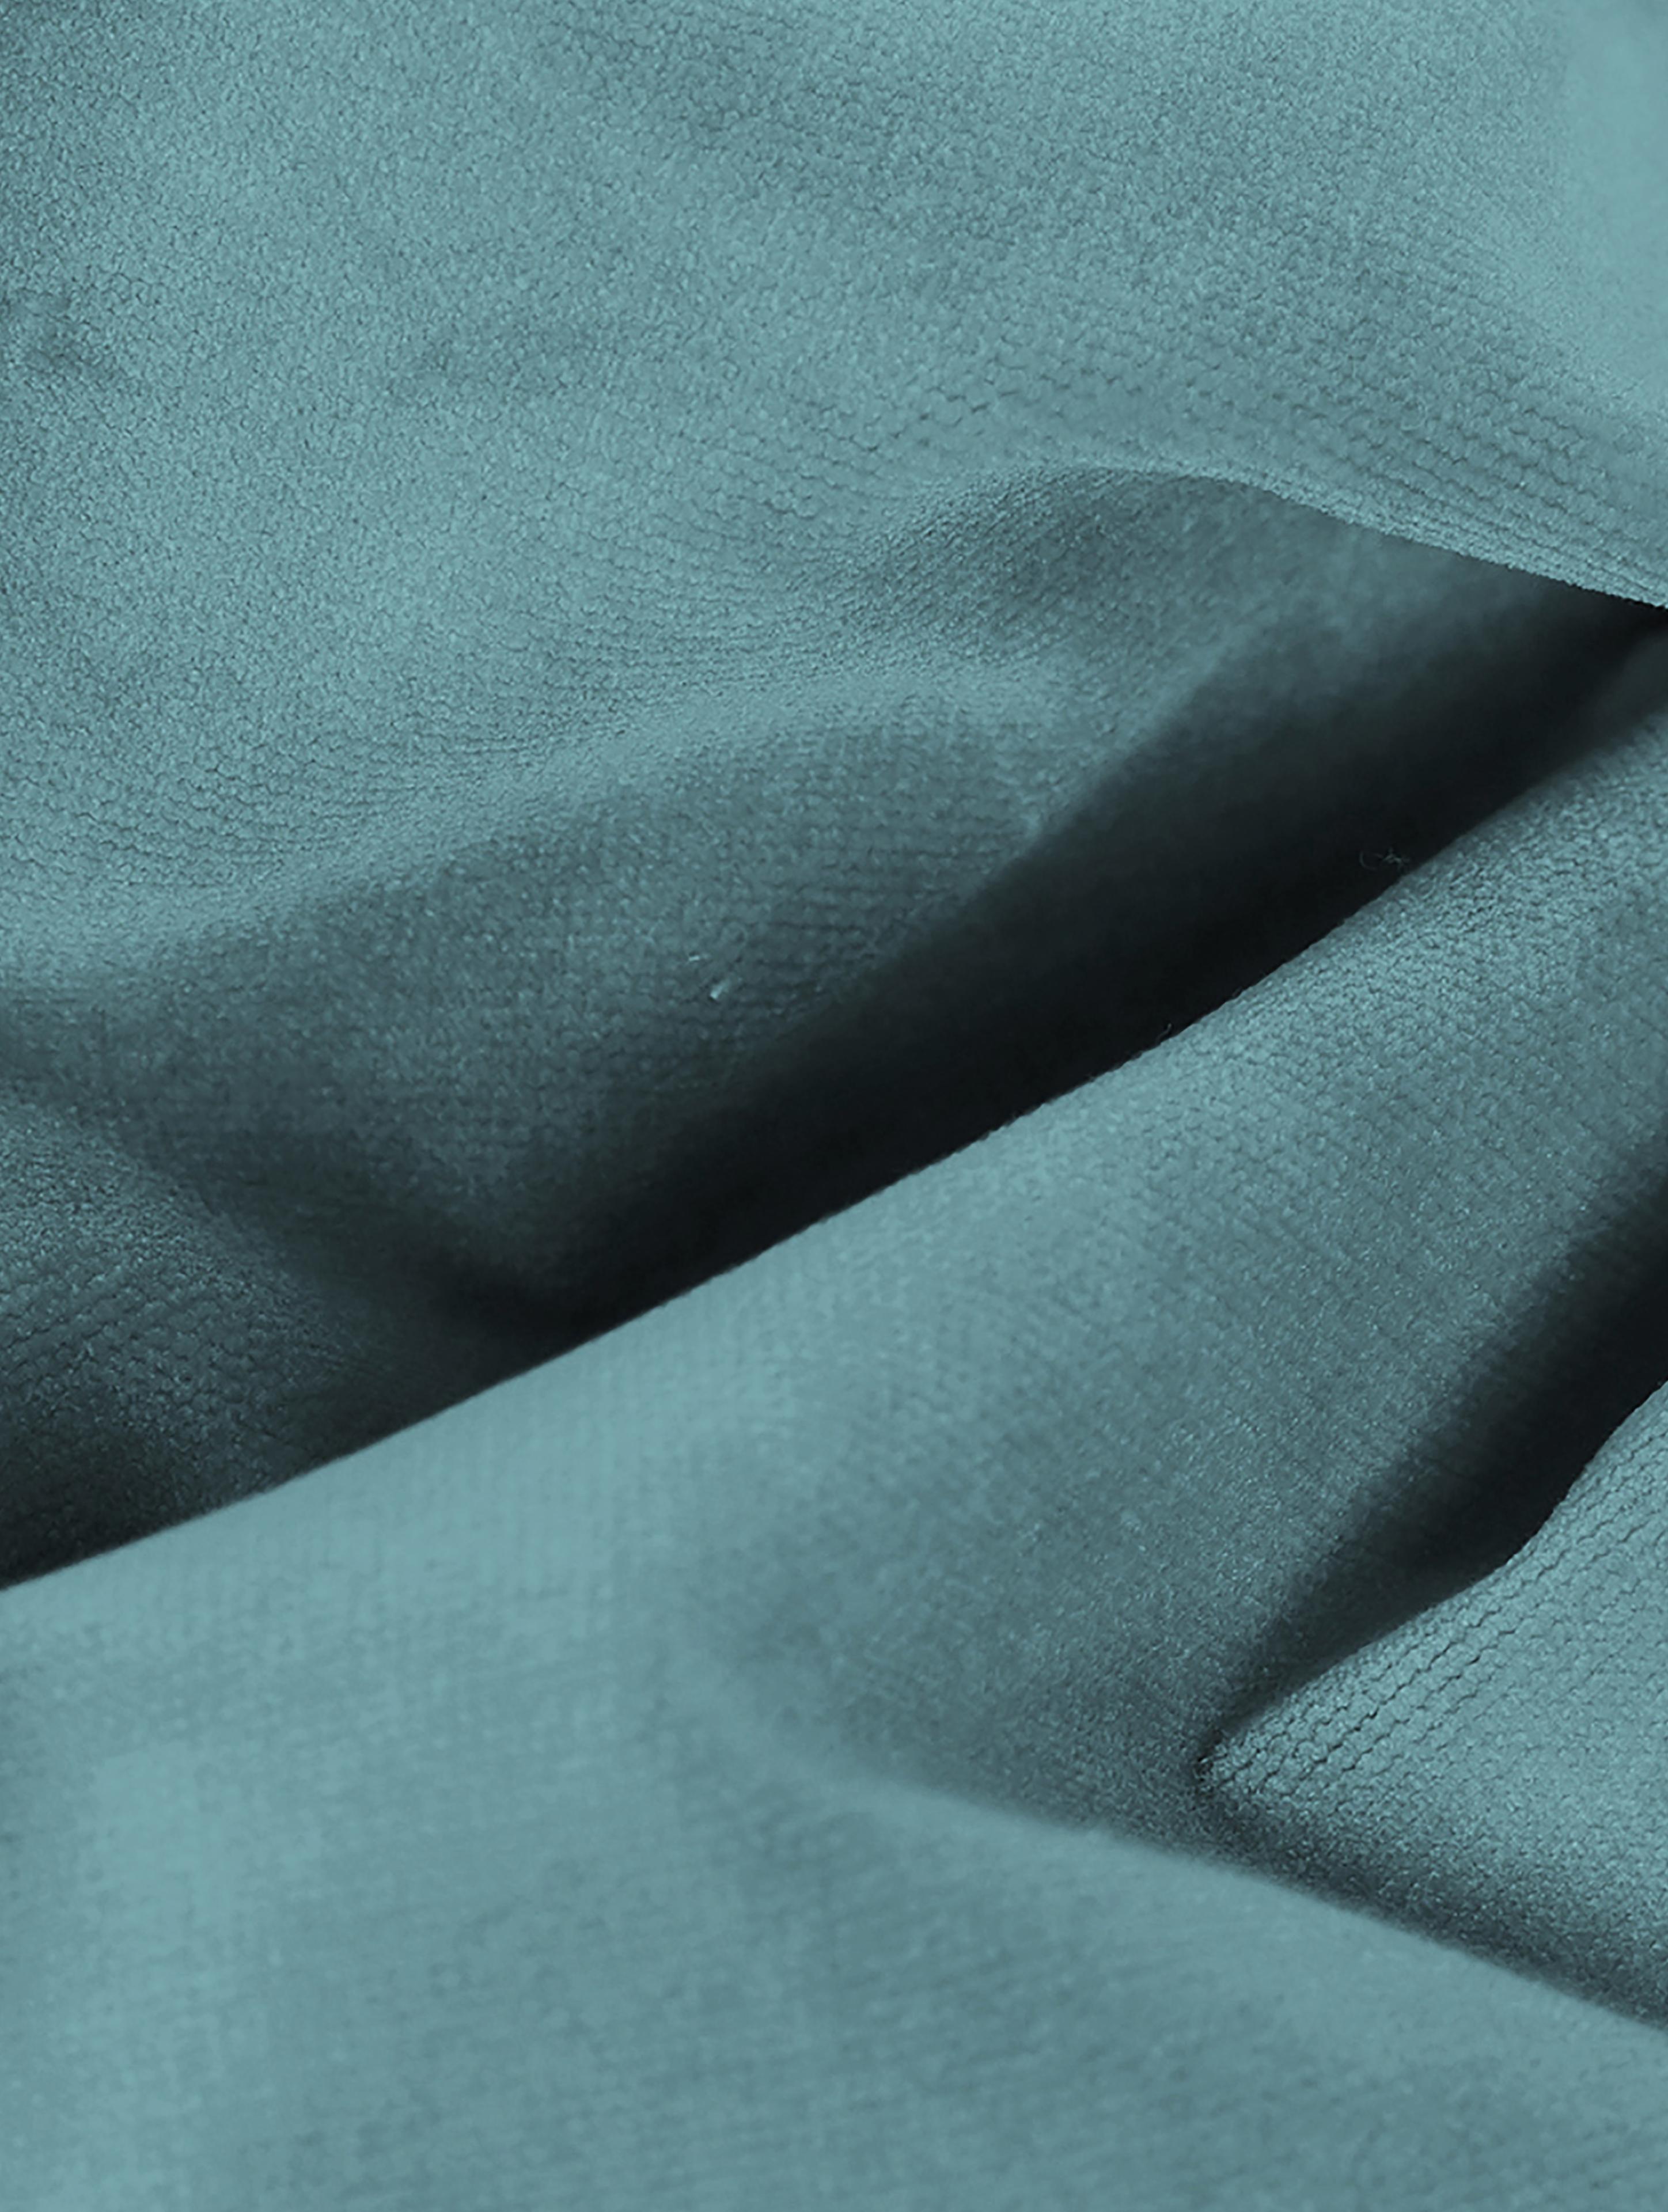 Poltrona in velluto Moby, Rivestimento: velluto (rivestimento in , Struttura: legno di pino massiccio, Piedini: metallo verniciato a polv, Velluto turchese, Larg. 90 x Prof. 90 cm